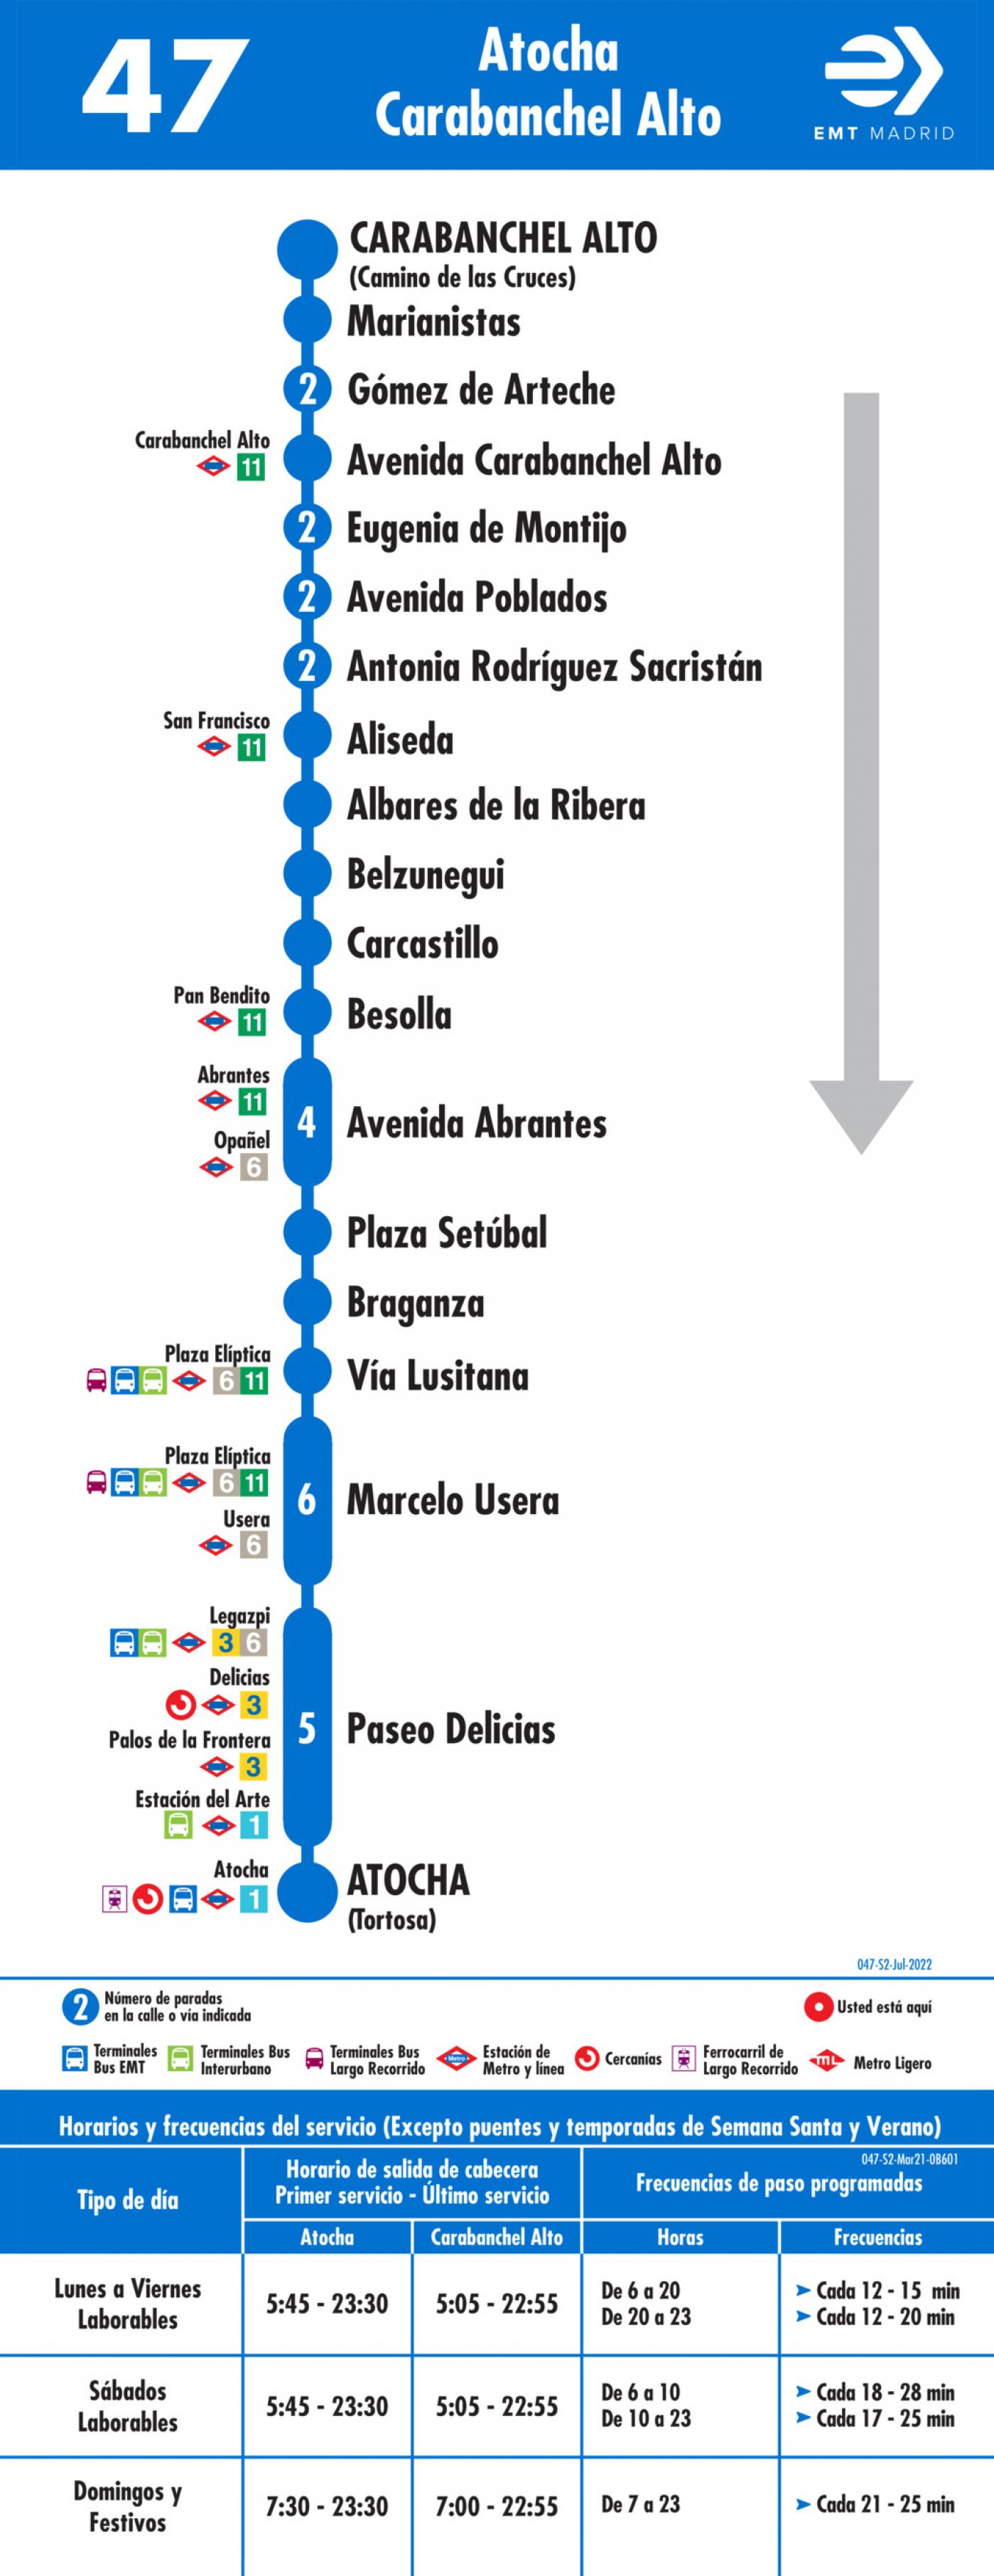 Tabla de horarios y frecuencias de paso en sentido vuelta Línea 47: Atocha - Carabanchel Alto